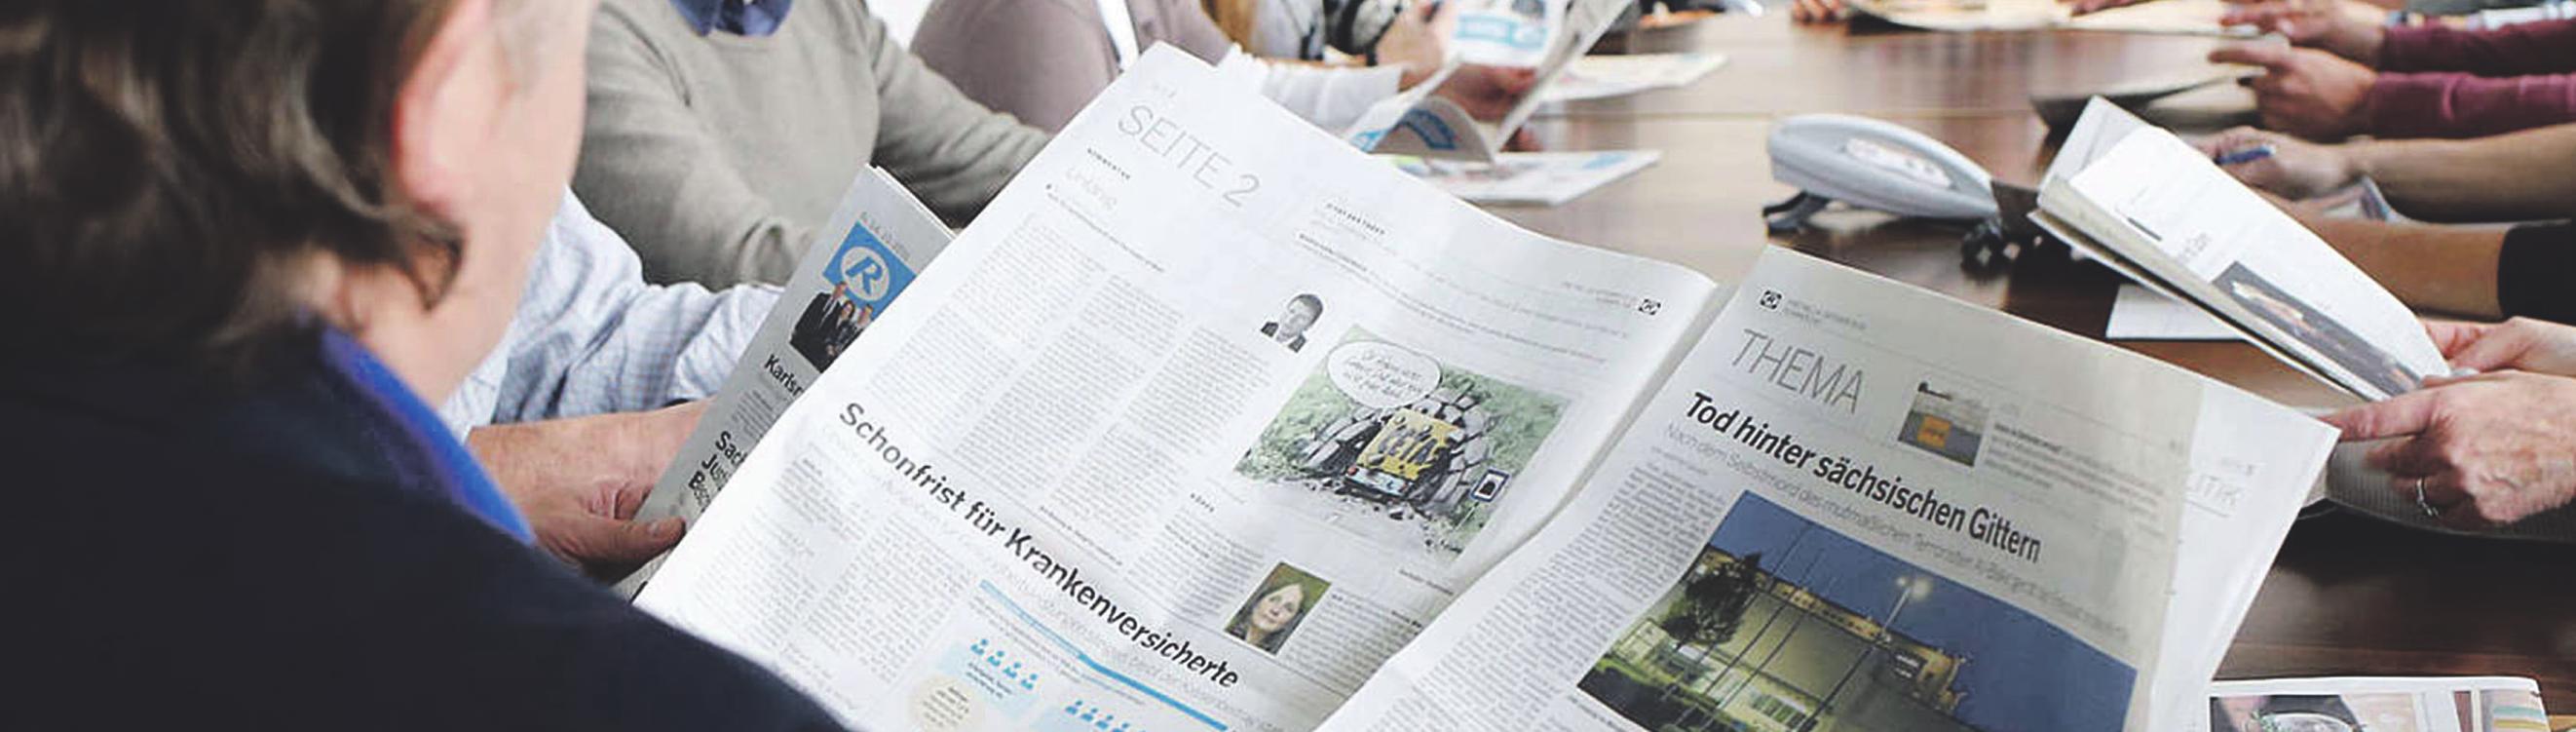 Wie wird aus einer Nachricht eine Story? Was passiert in Redaktionssitzungen – und wo entstehen eigentlich Kölner Stadt-Anzeiger oder Kölnische Rundschau? Redaktion live gibt Einblicke. Image 3